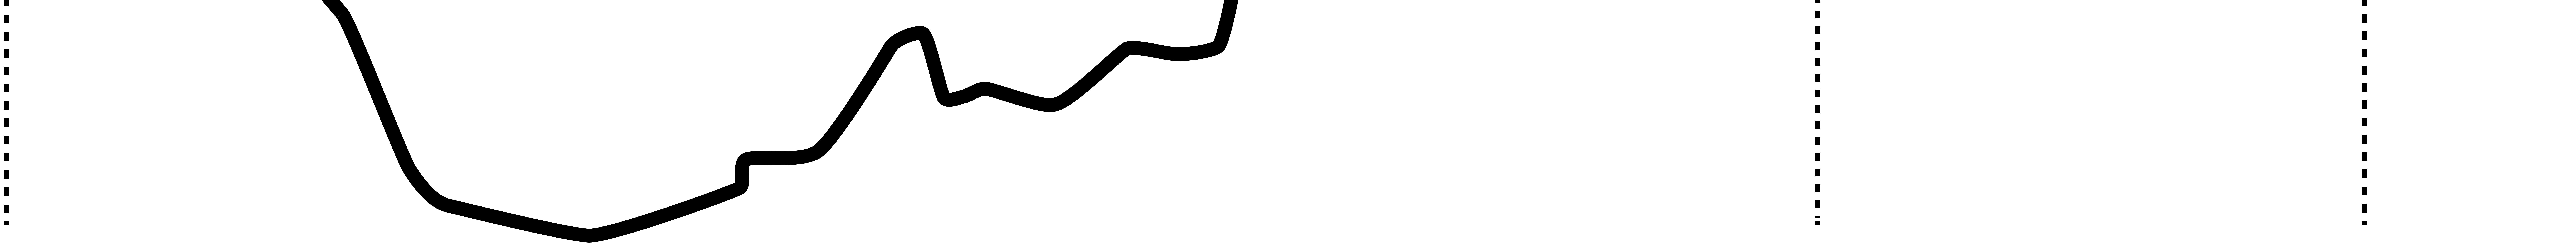 cabeceraidentidad cavanilles